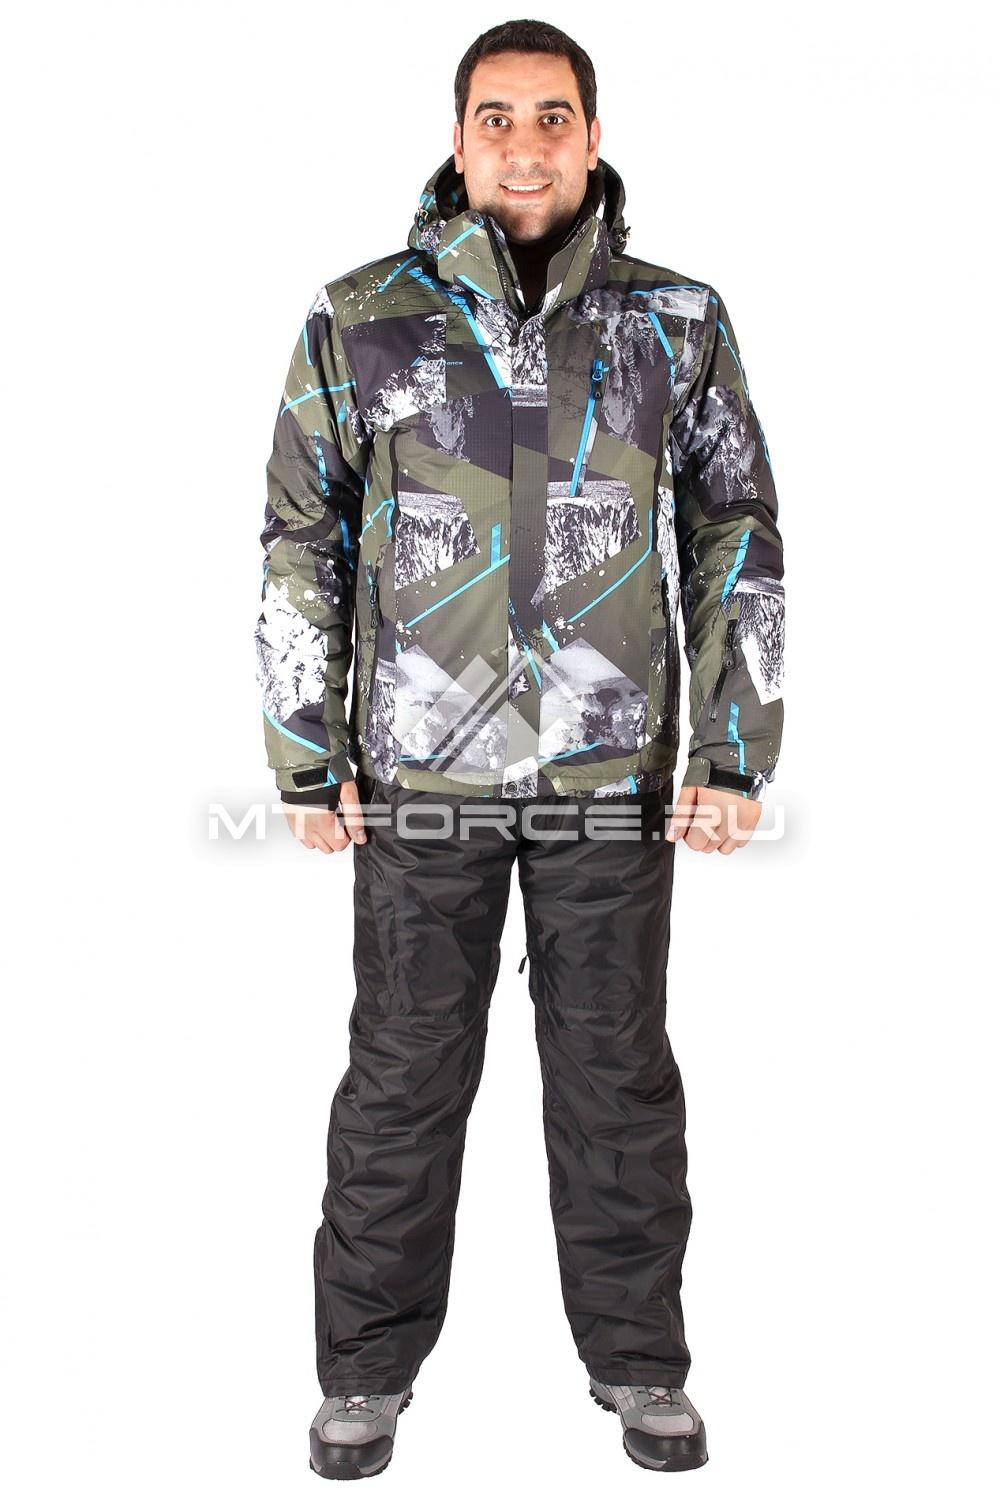 Купить                                  оптом Костюм горнолыжный мужской цвета хаки 01437Kh